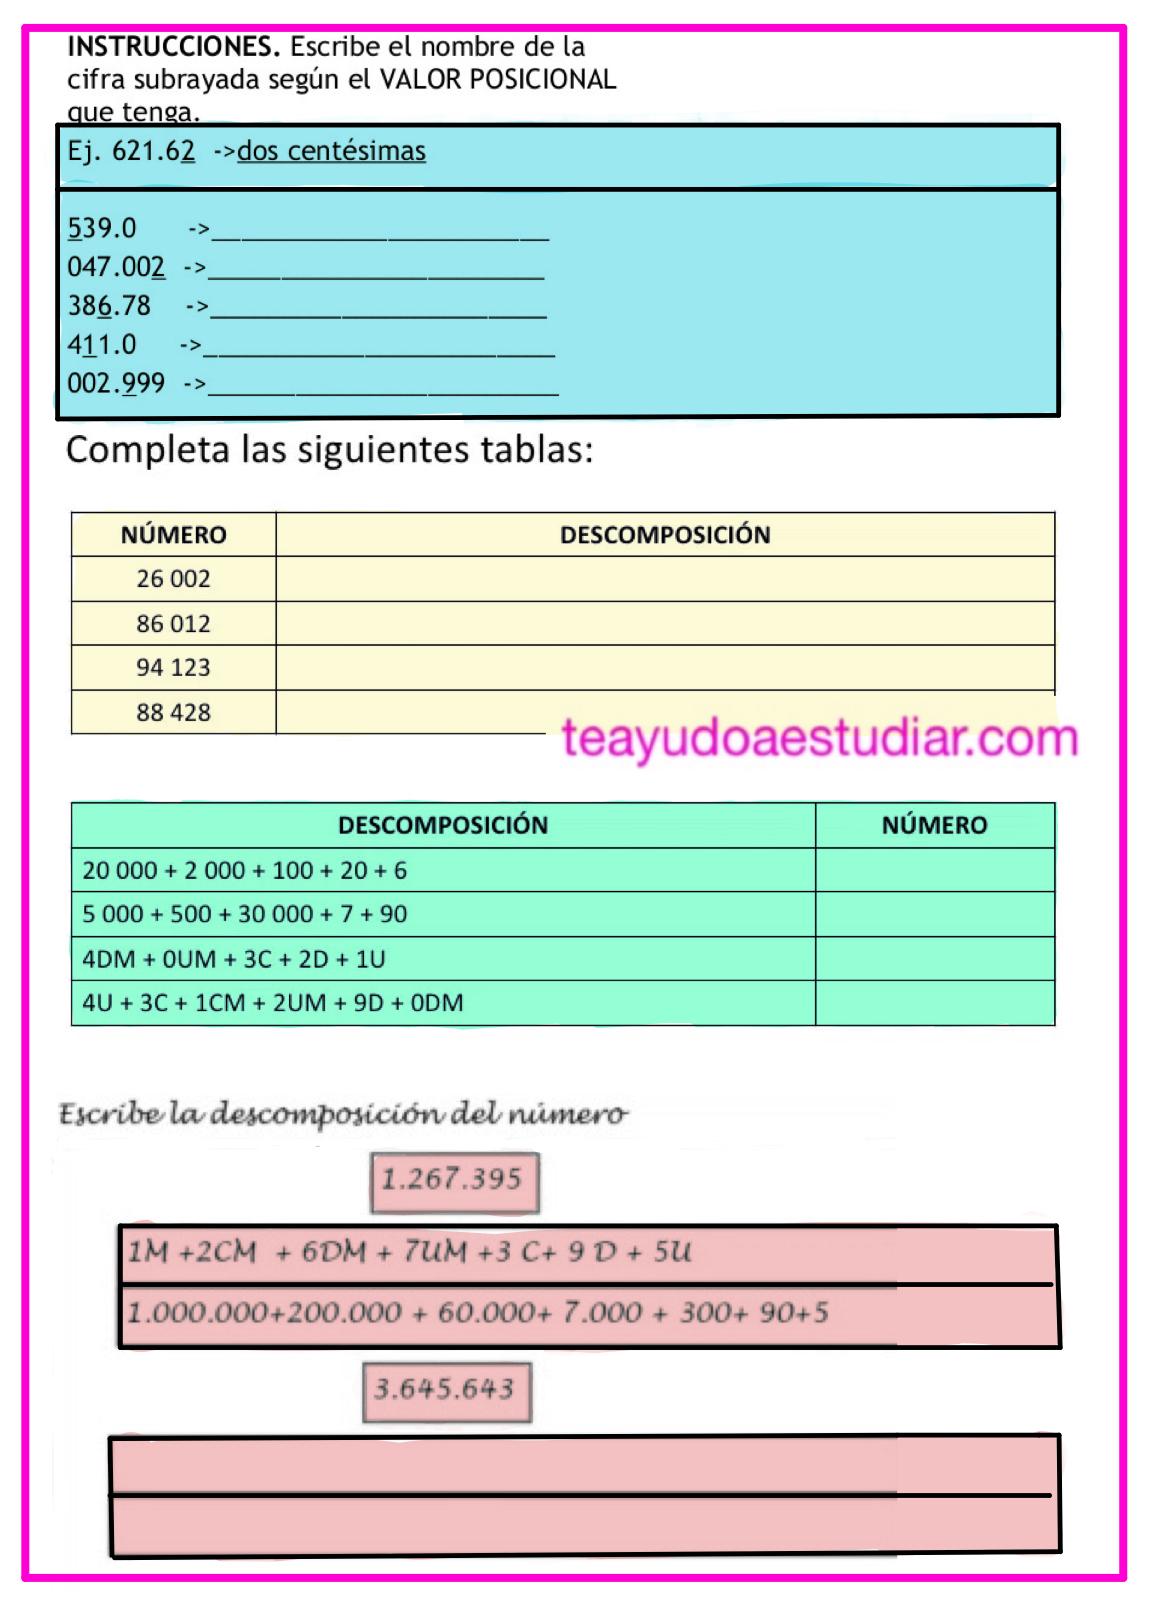 98D48258-A7E9-4129-9D0B-1C6ADA149EDA